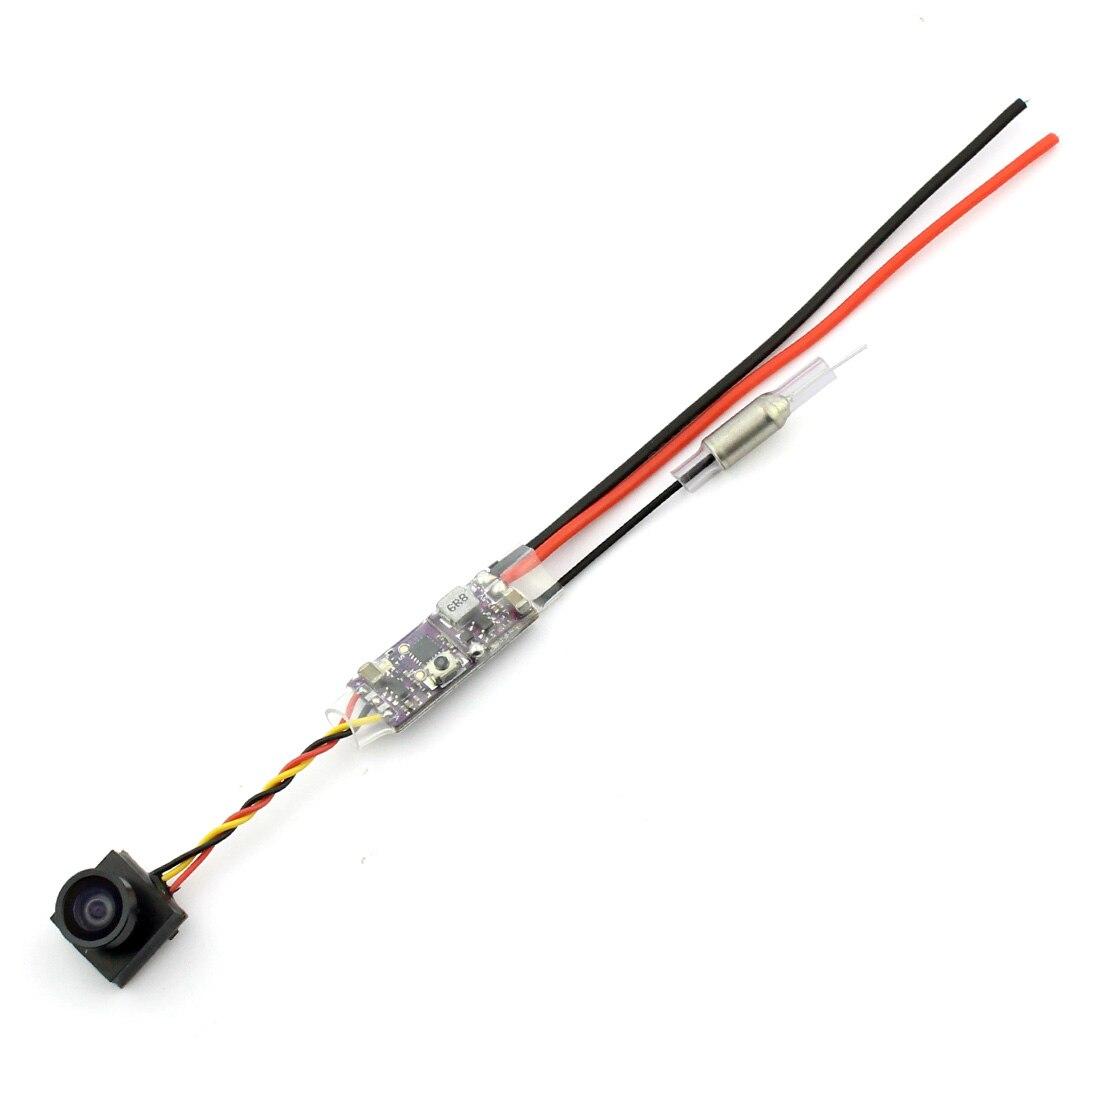 Q25 MINI V2 VTX+CAMERA 25mw 16ch Transmitter 800tvl coms Cam